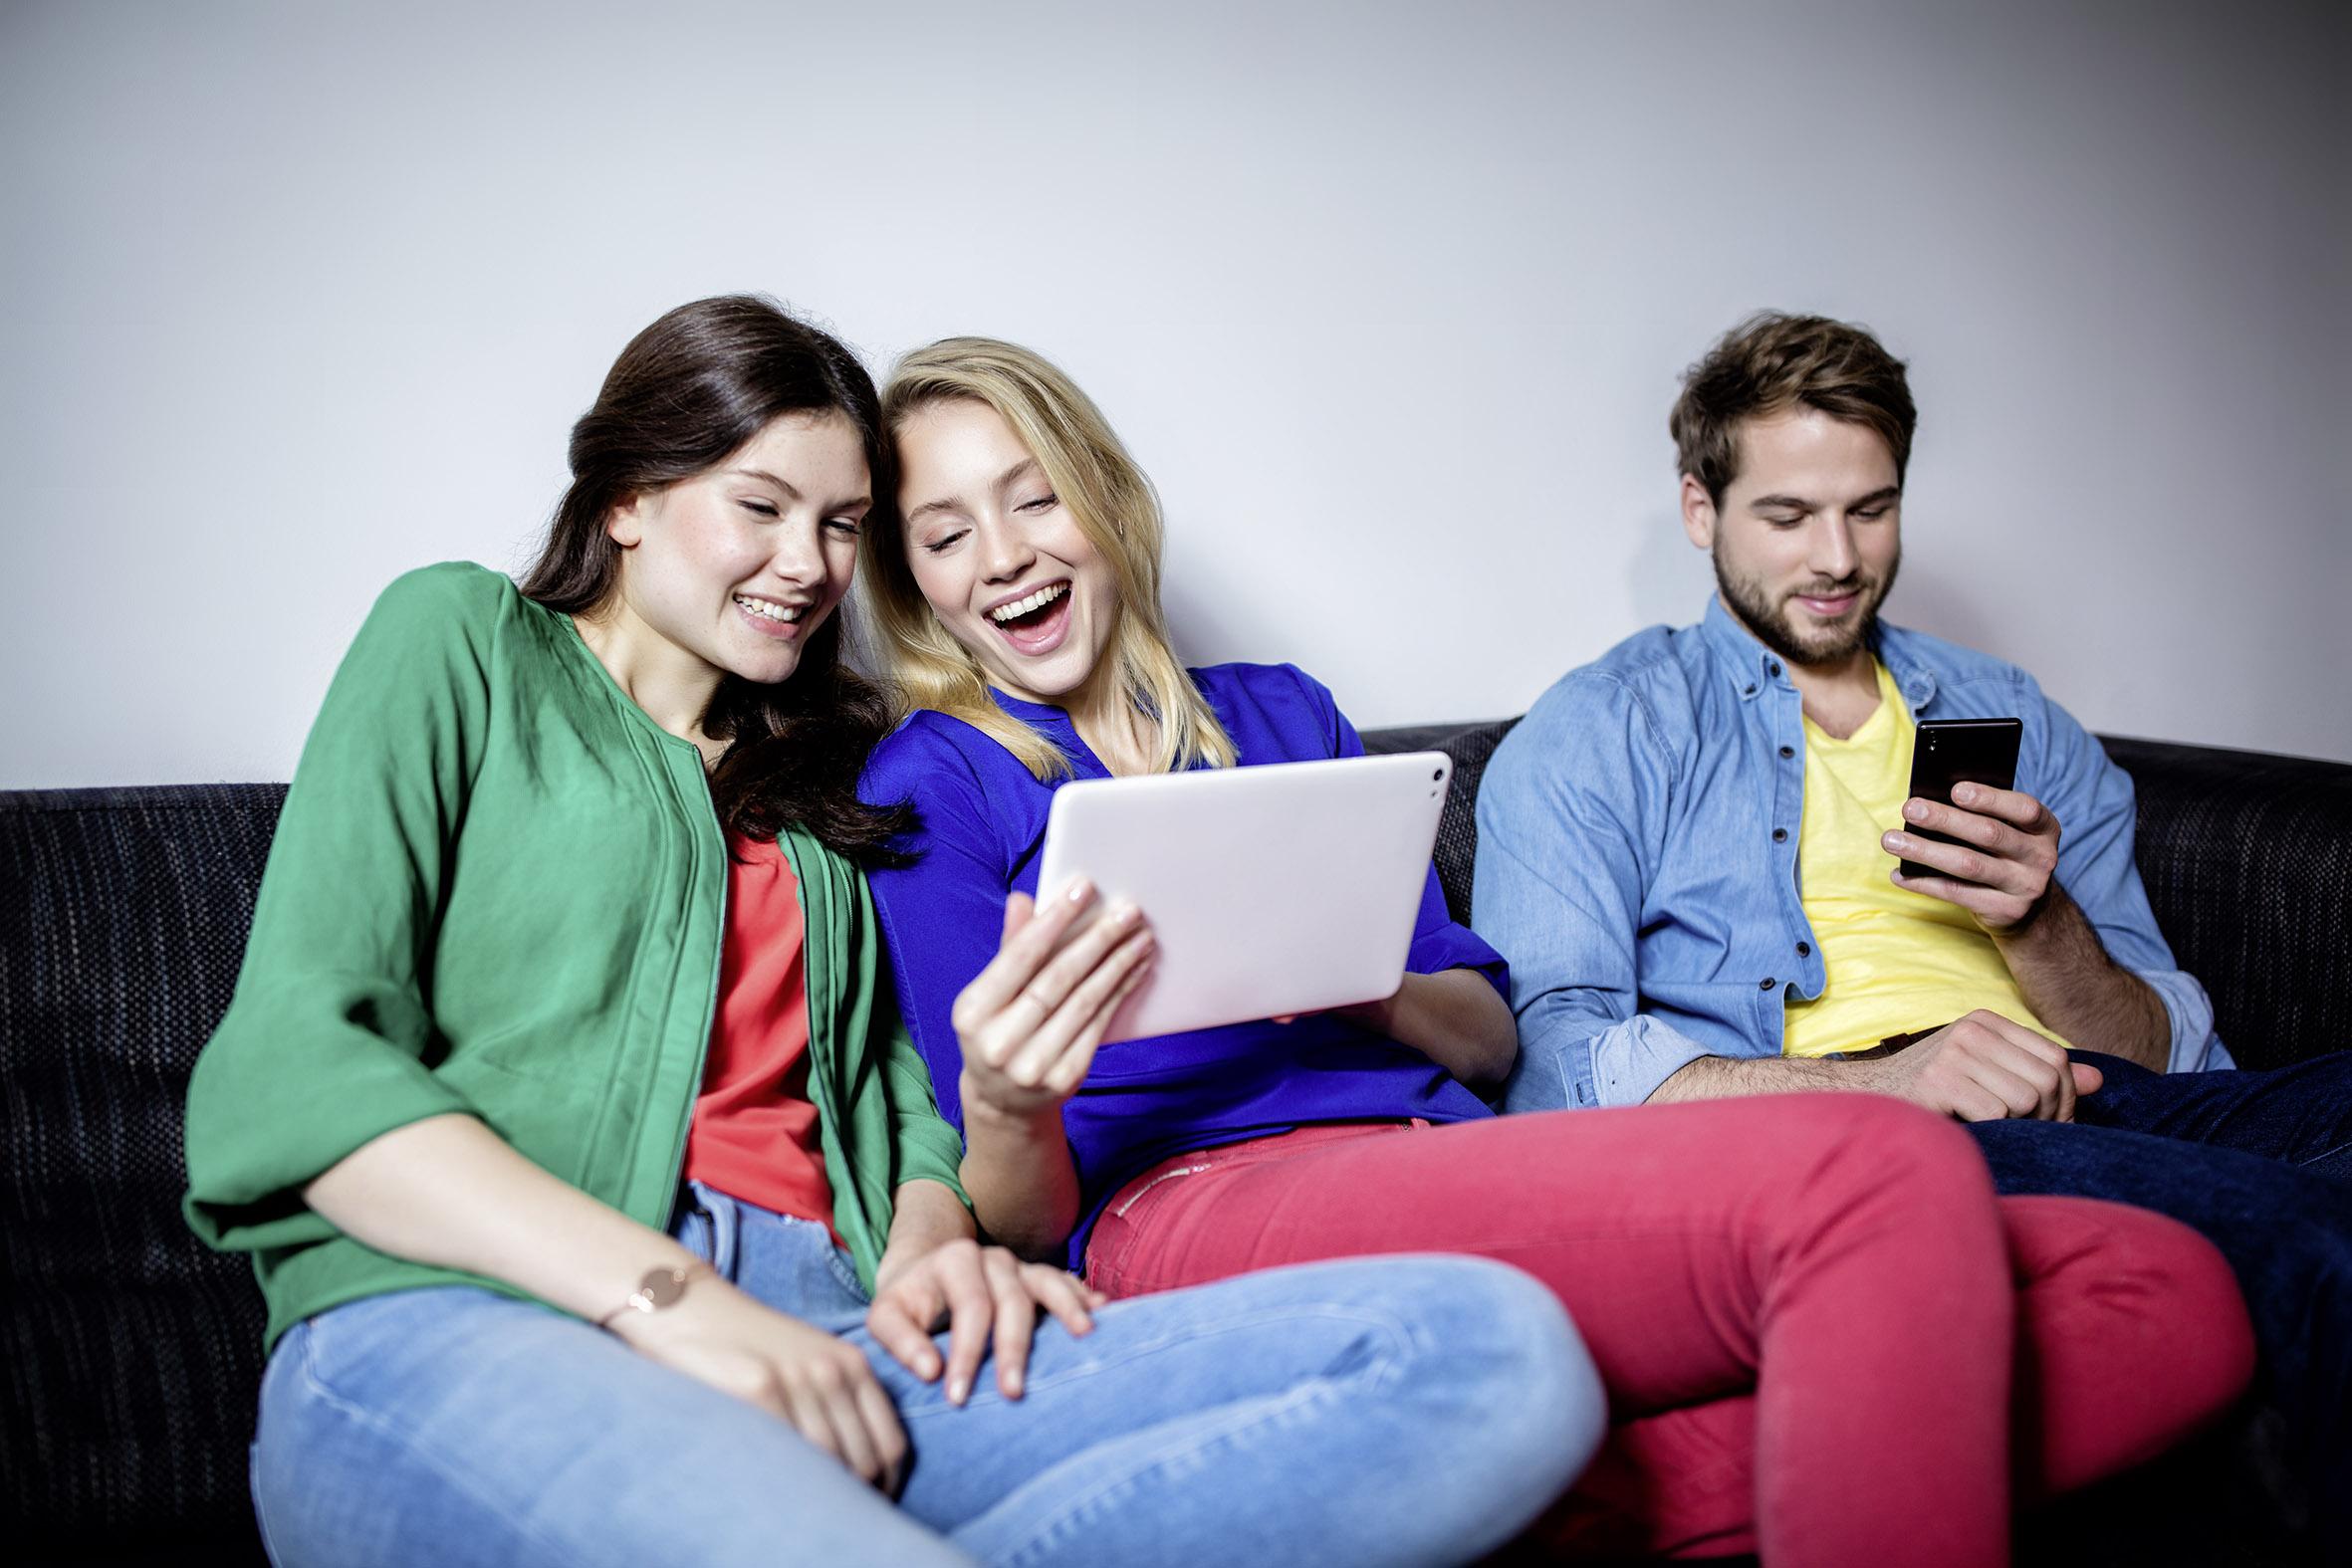 gmbh mantel g nstig kaufen neue studie zum wg leben wlan und flexibilit t besonders wichtig. Black Bedroom Furniture Sets. Home Design Ideas